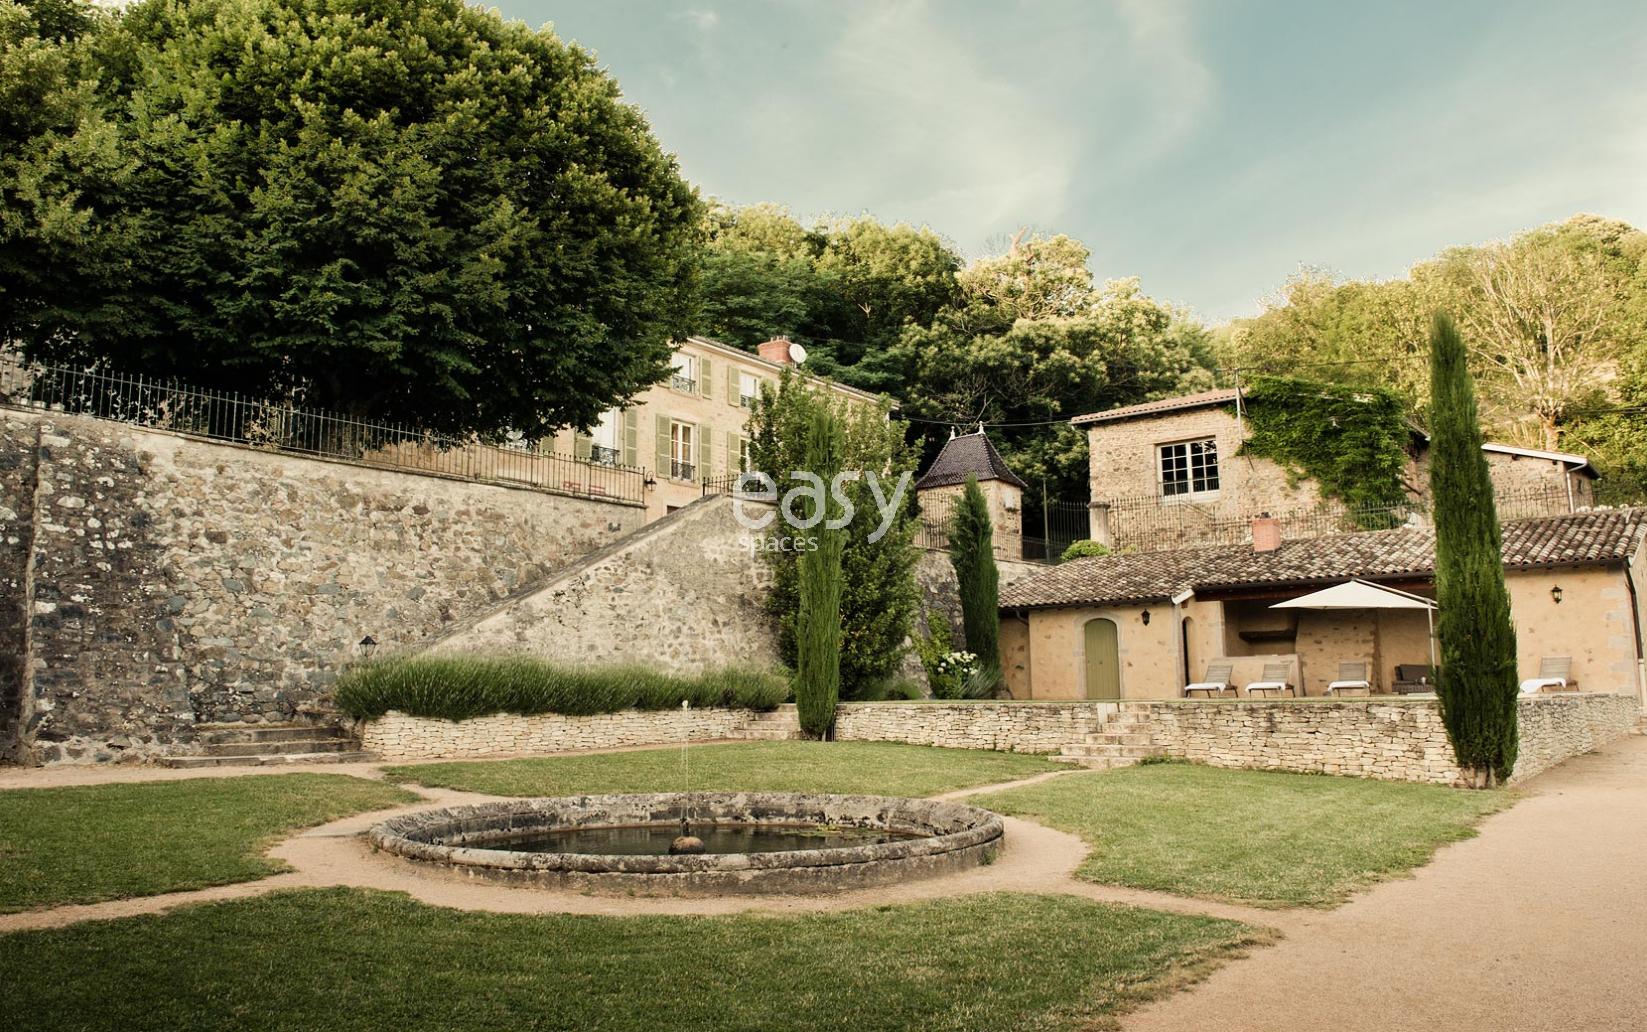 Maison de ma tre louer pour shooting tournage v nementiel lyon lieux lieu louer pour - Location maison pour film tournage ...